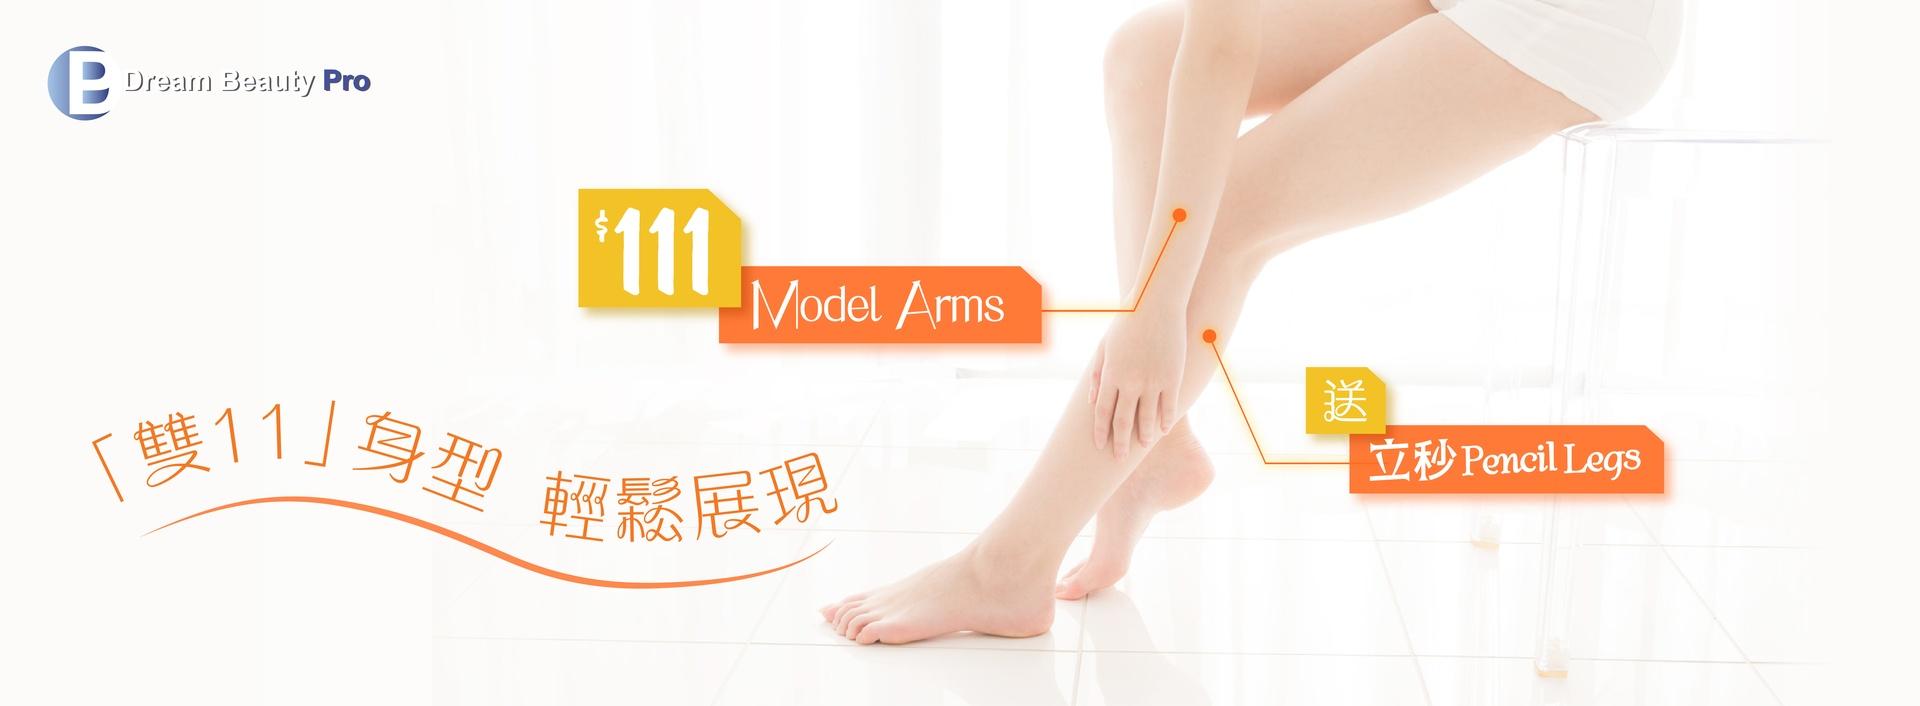 $111 脫單Model Arm